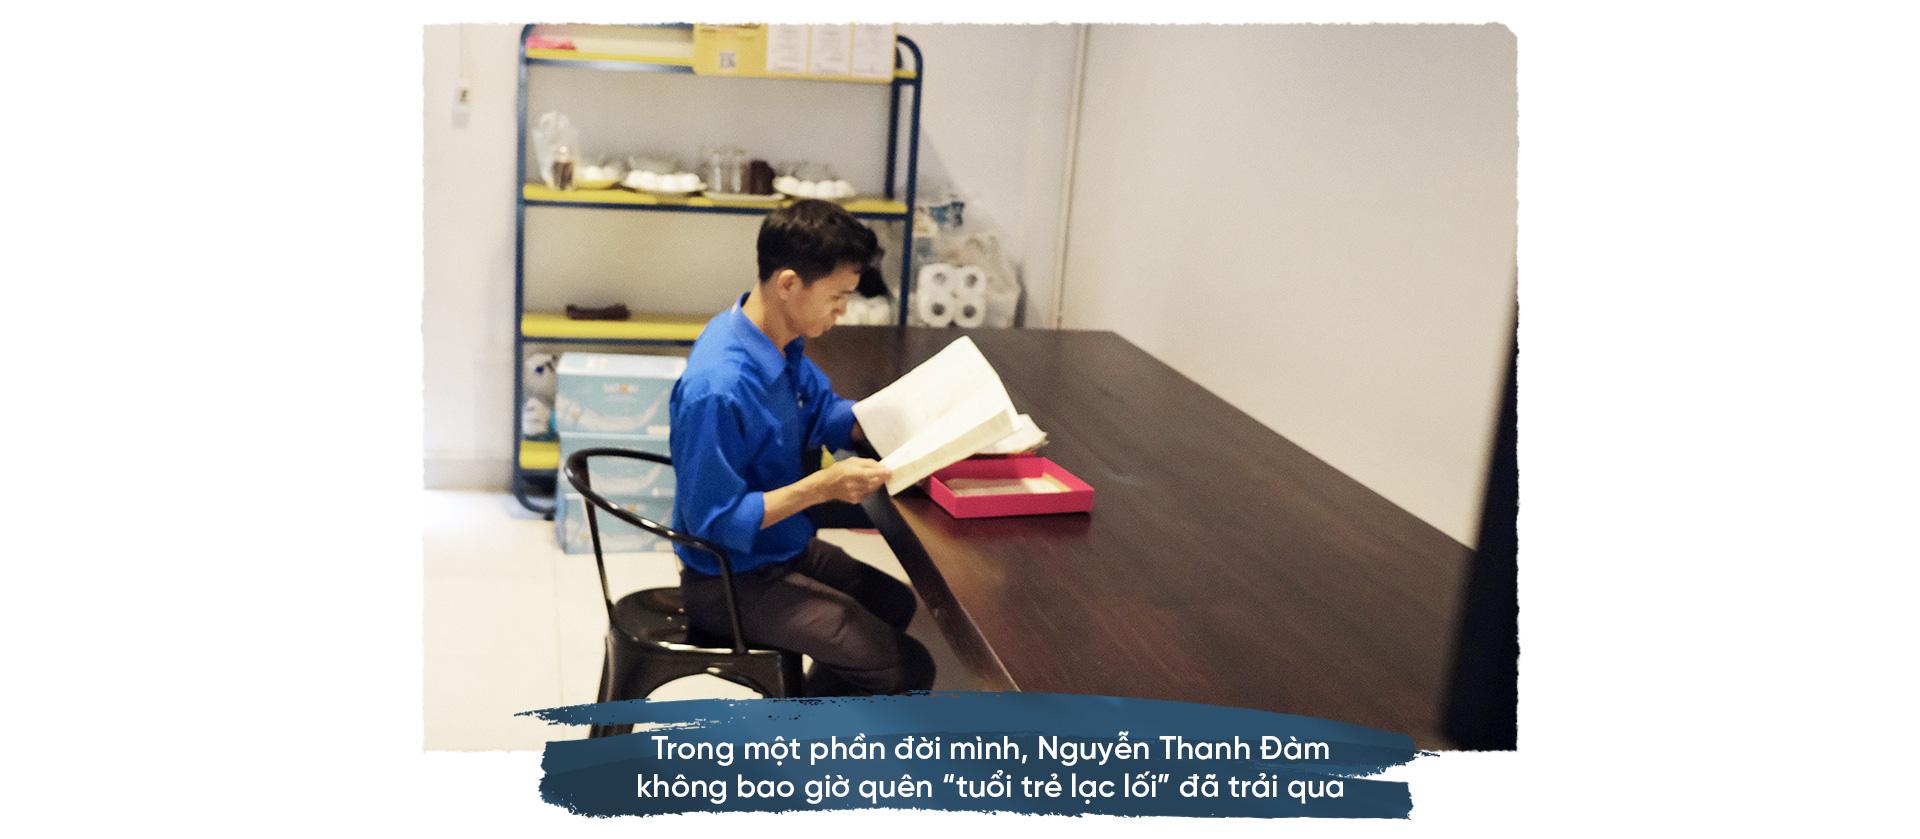 Nguyễn Thanh Đàm: Ở tận cùng đớn đau, là hi vọng - Ảnh 9.